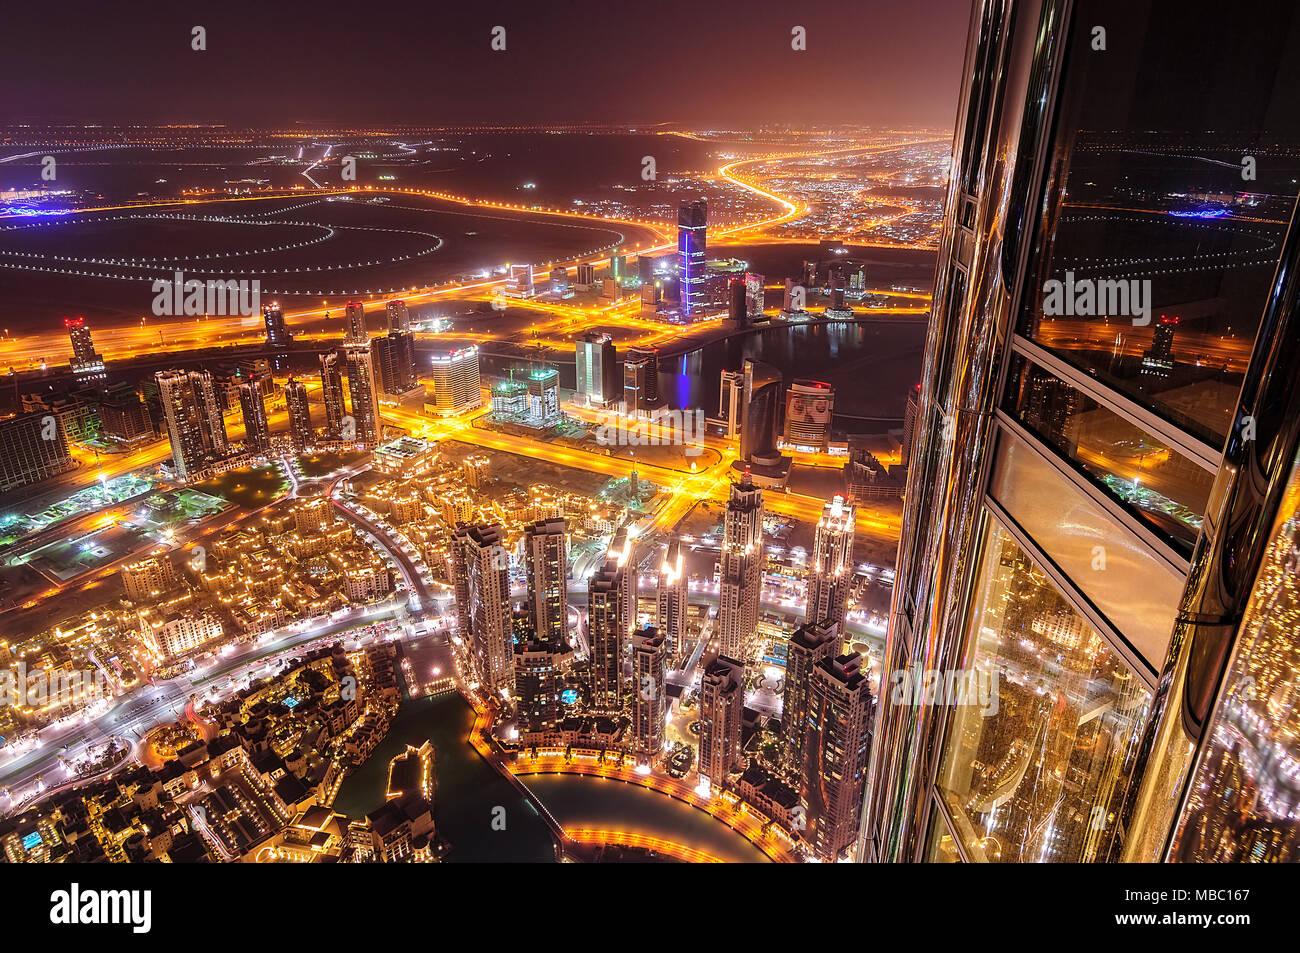 Dubaï, Émirats arabes unis - Apr 14, 2013: Dubai downtown vue aérienne de nuit de plus haut gratte-ciel du monde Burj Khalifa, Dubai, Émirats Arabes Unis Photo Stock